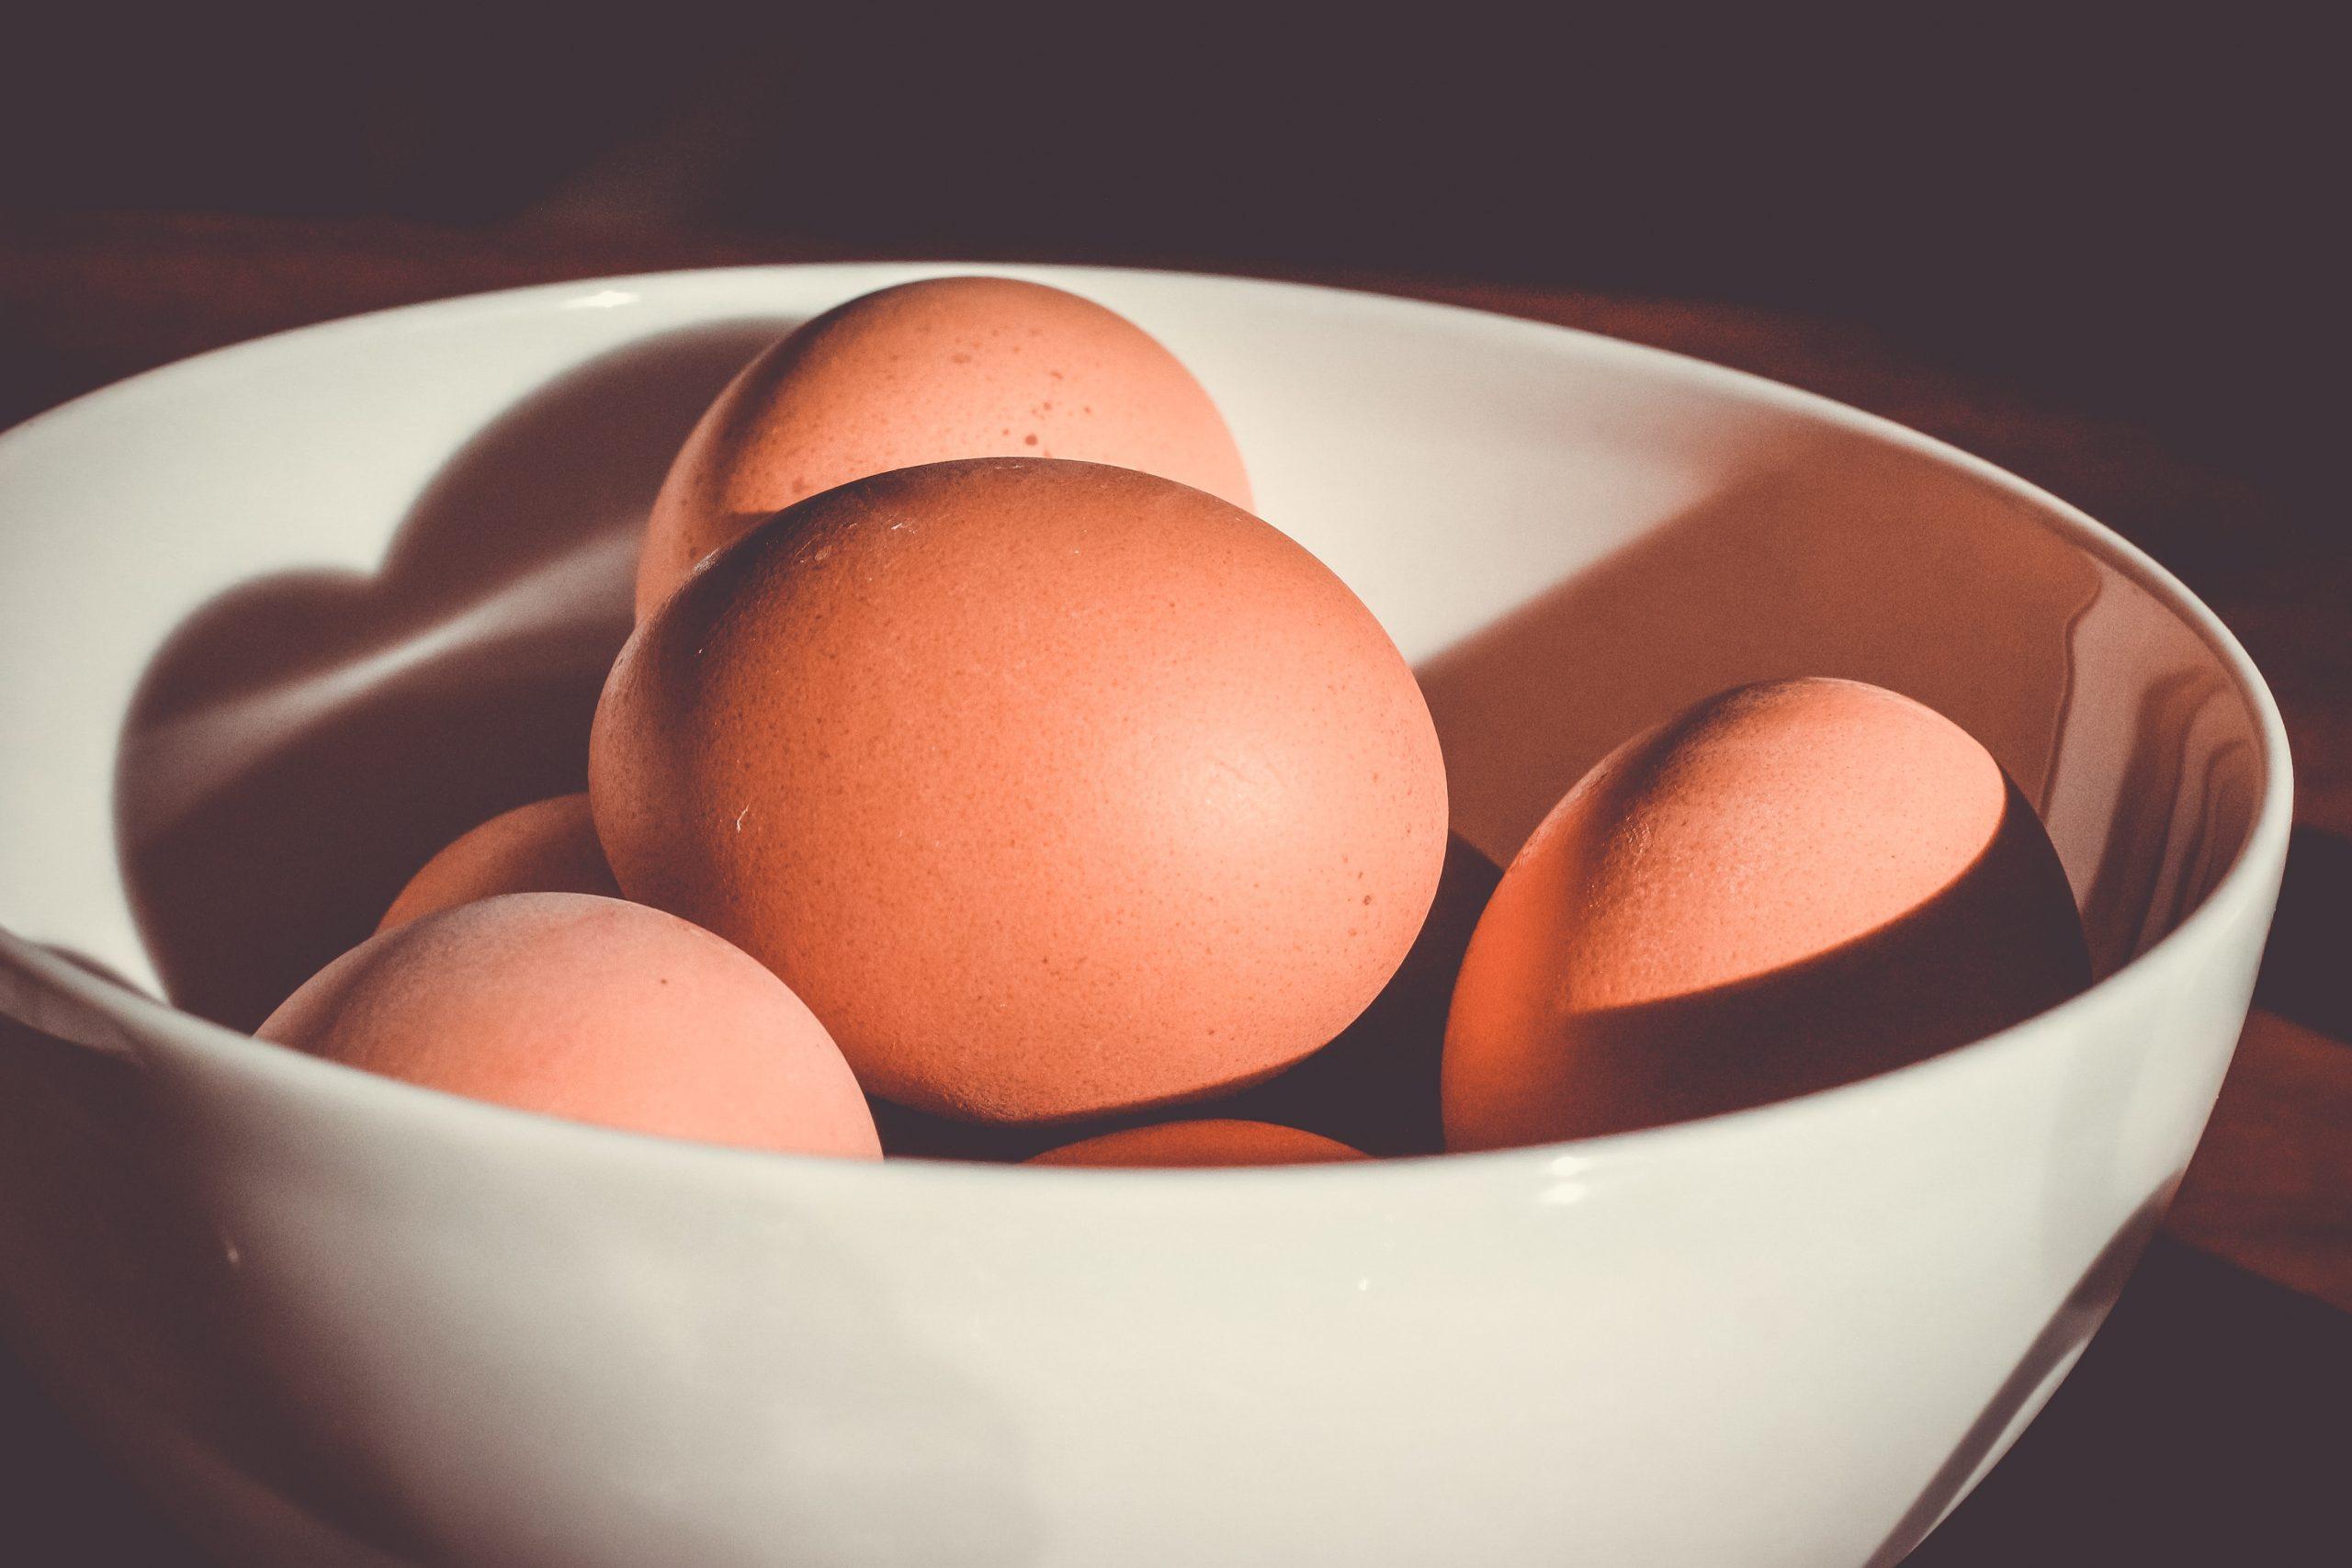 Huevos duros rellenos gratinados